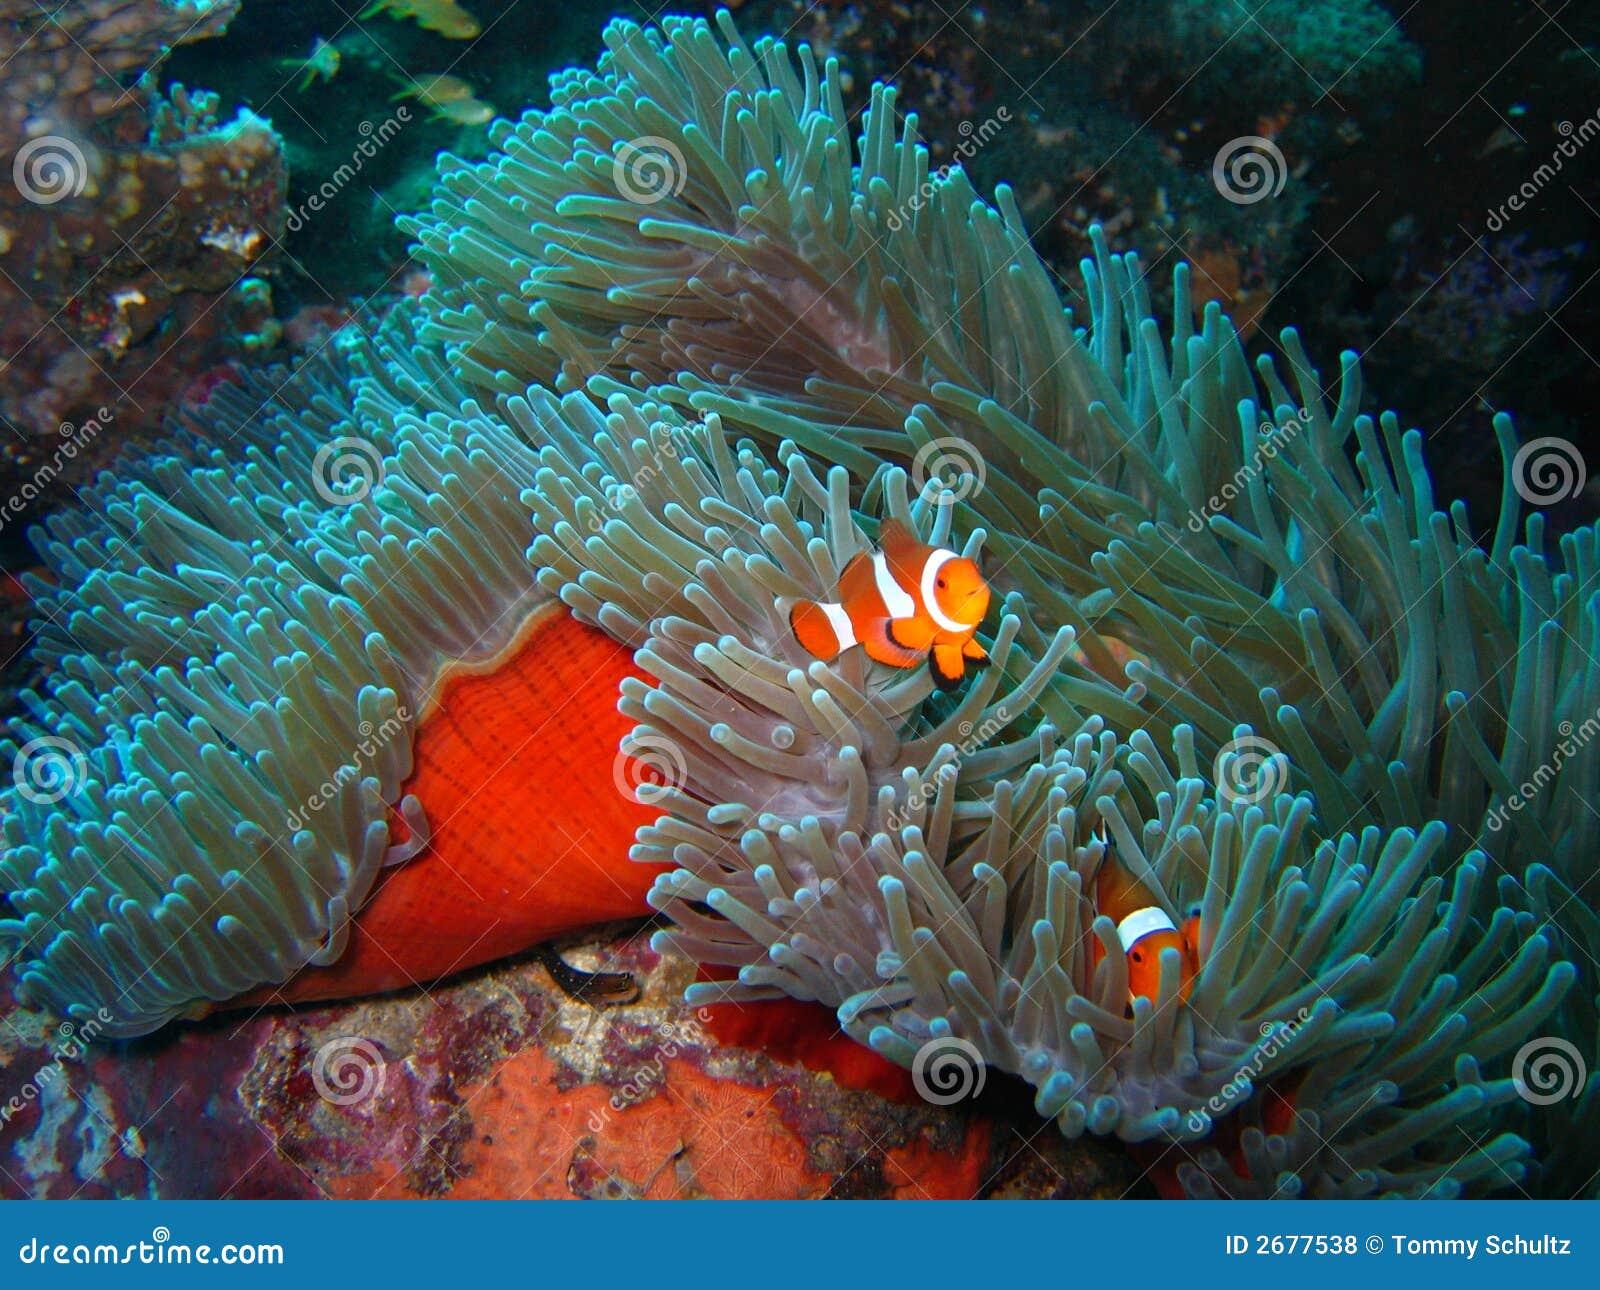 Clownfish - скачать на русском для скайпа (клоунфиш) для изменения 2